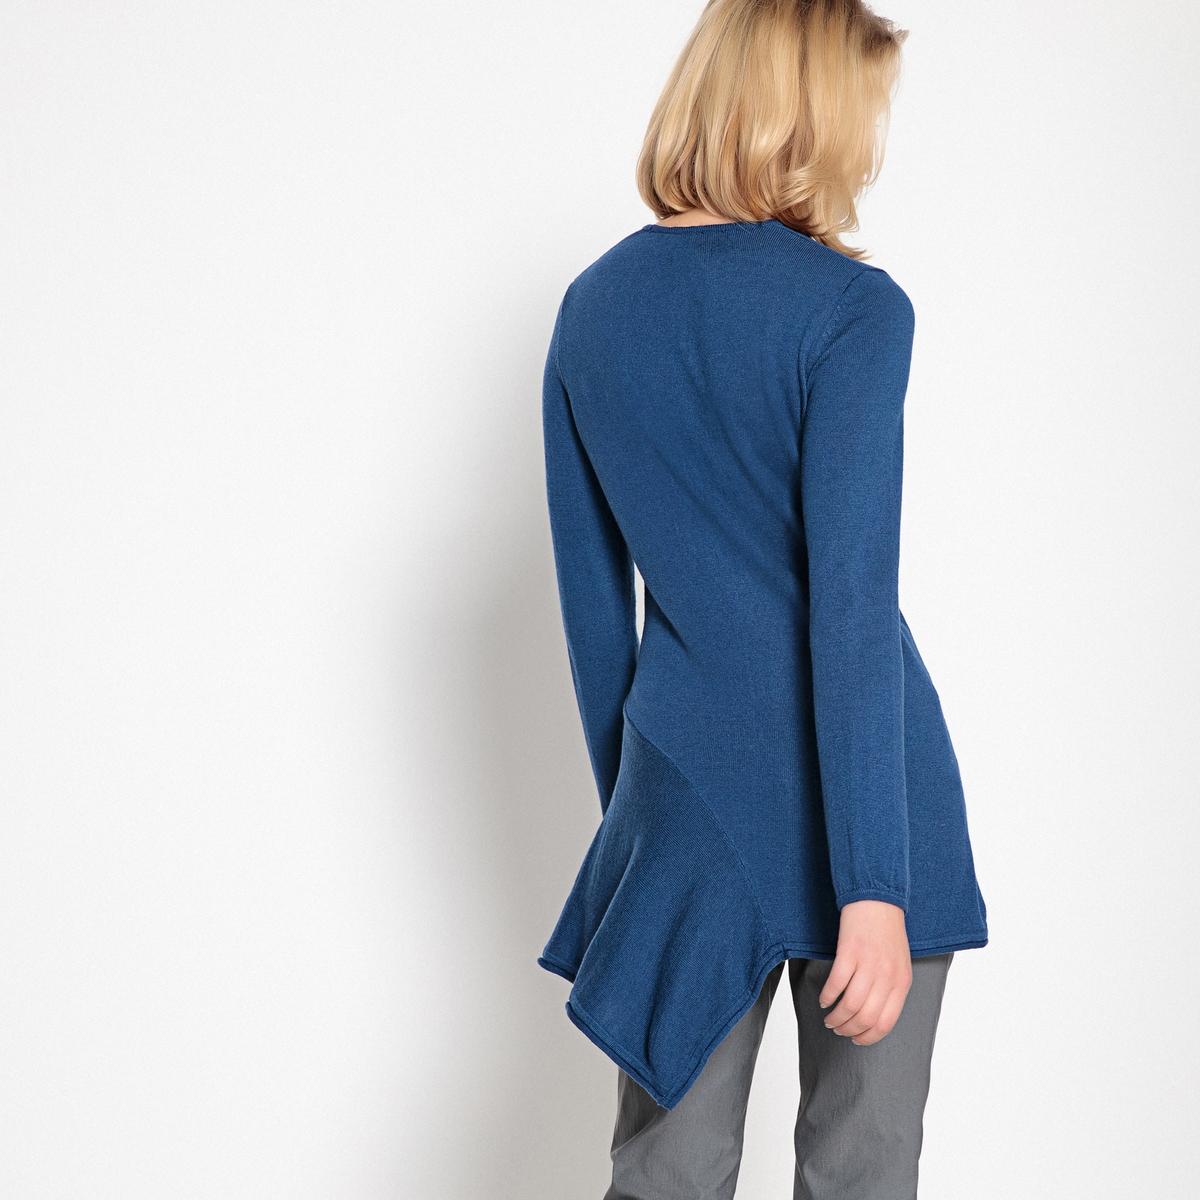 Imagen secundaria de producto de Jersey túnica en asimetría, cno cuello redondo y punto fino - Anne weyburn